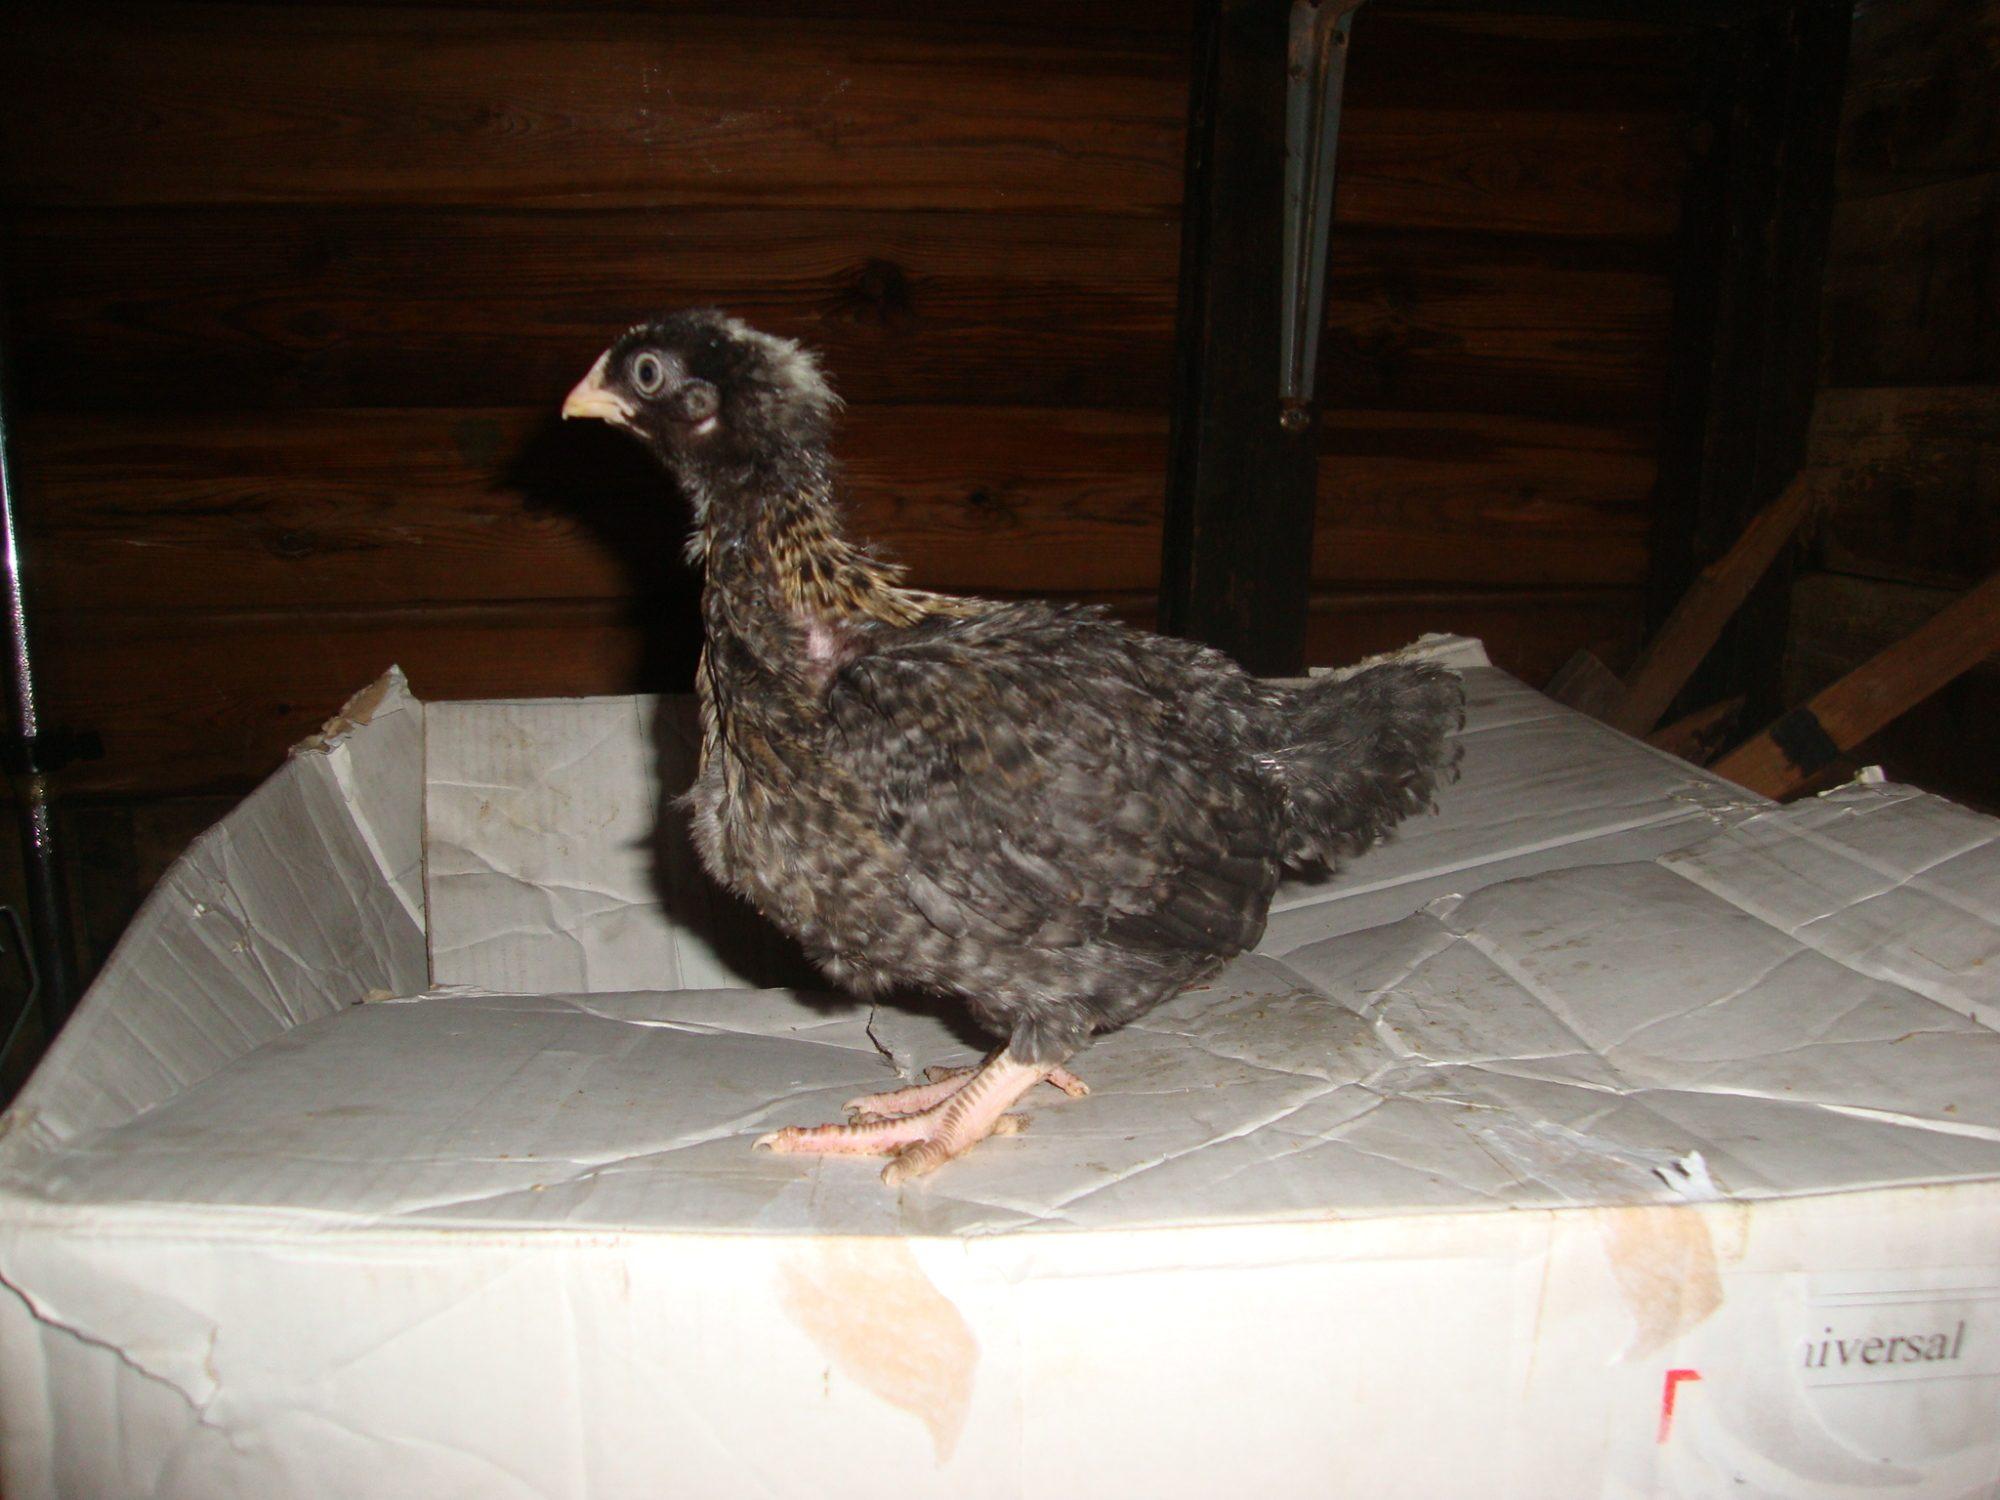 chick4 (1).JPG